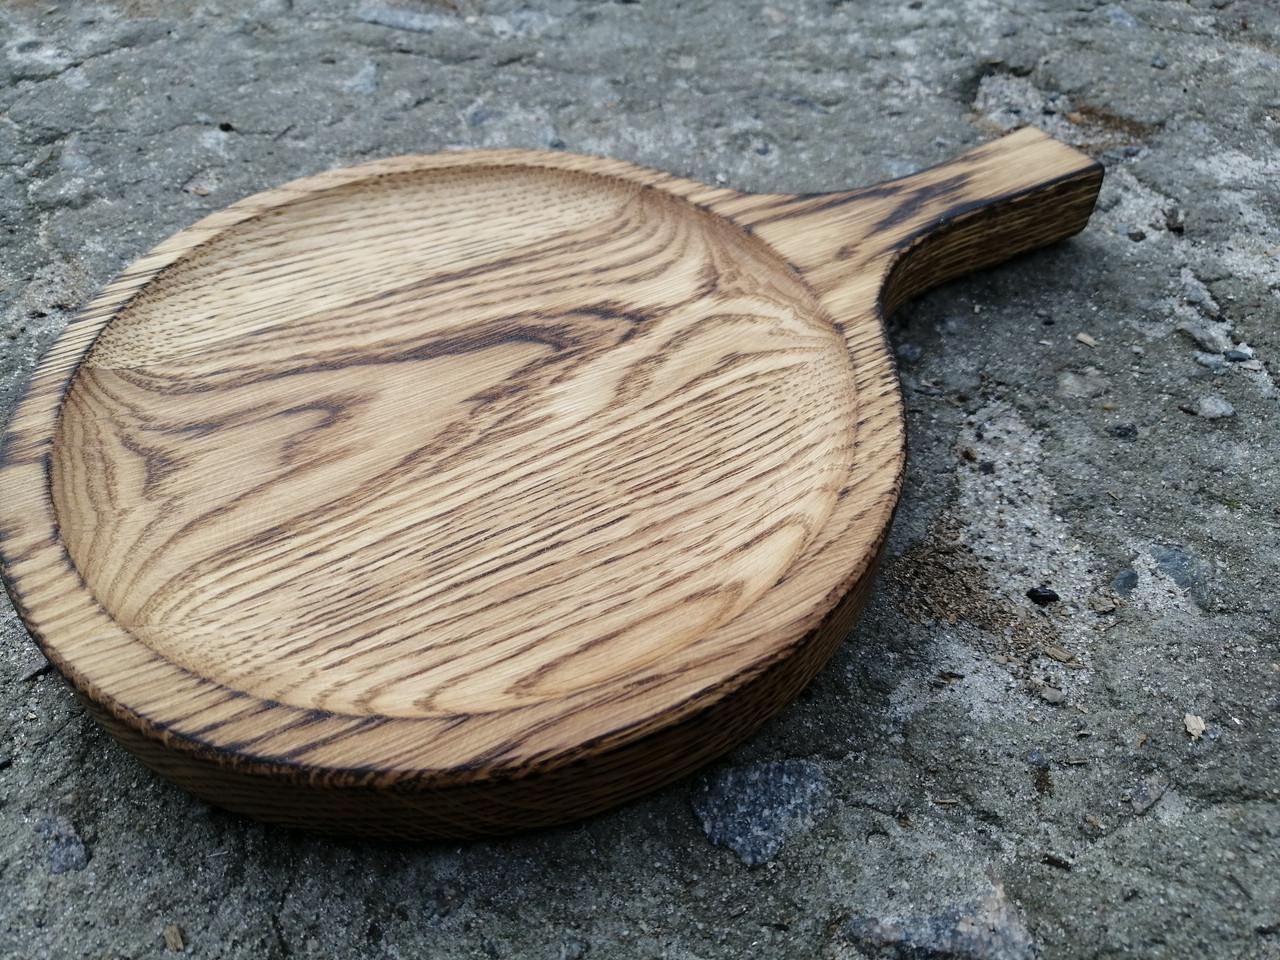 Дерев'яна кругла Дошка з ручкою, поглибленням і випаленням